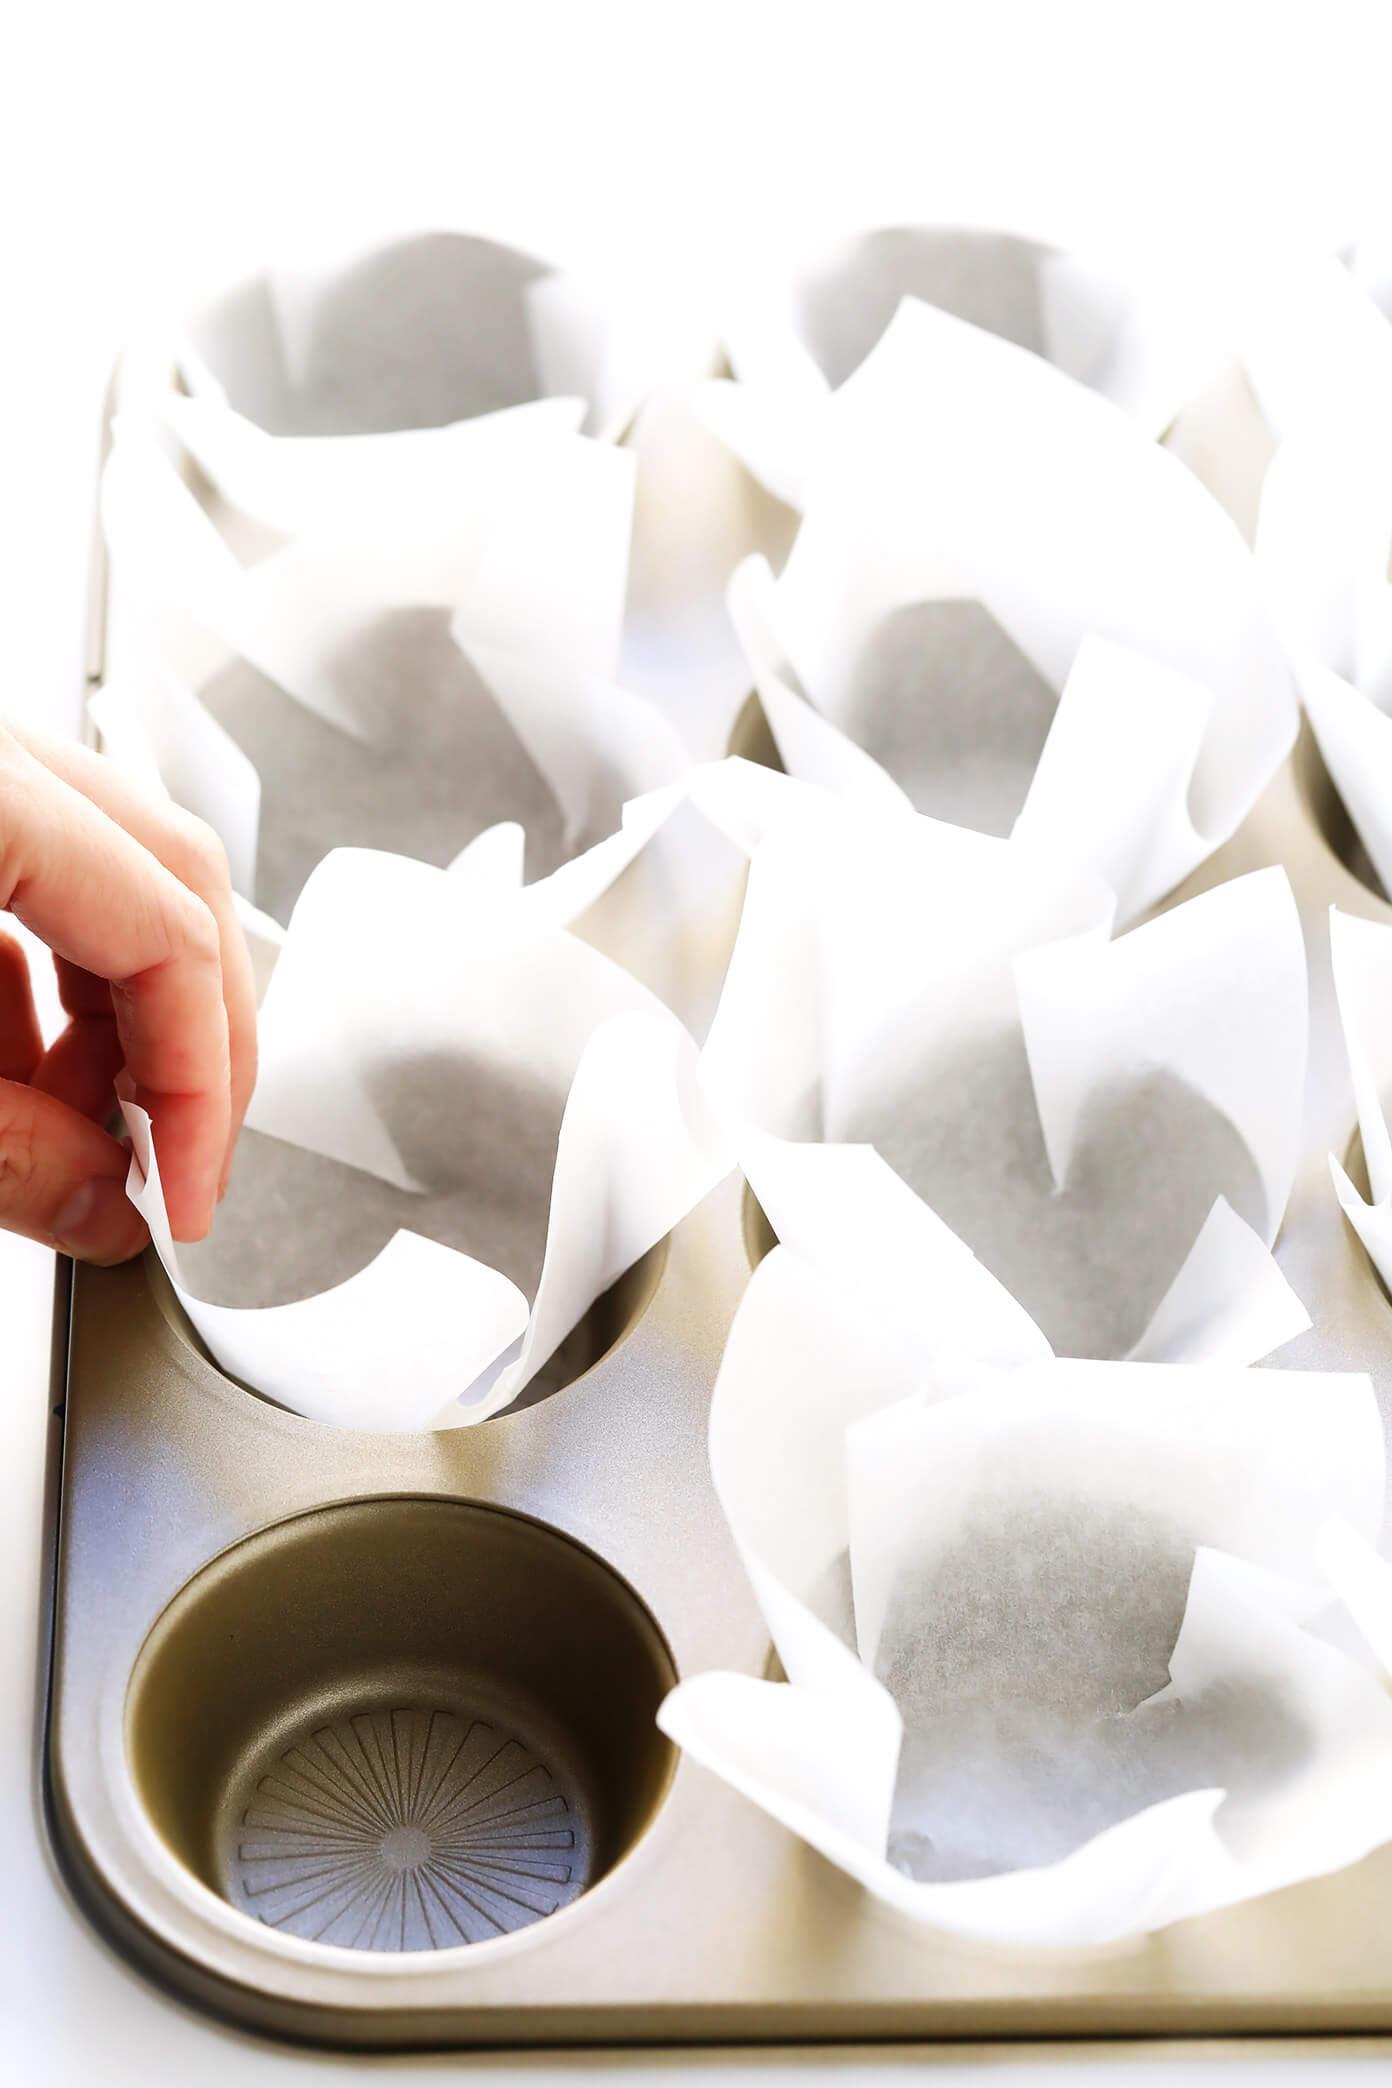 DIY Parchment Baking Liners